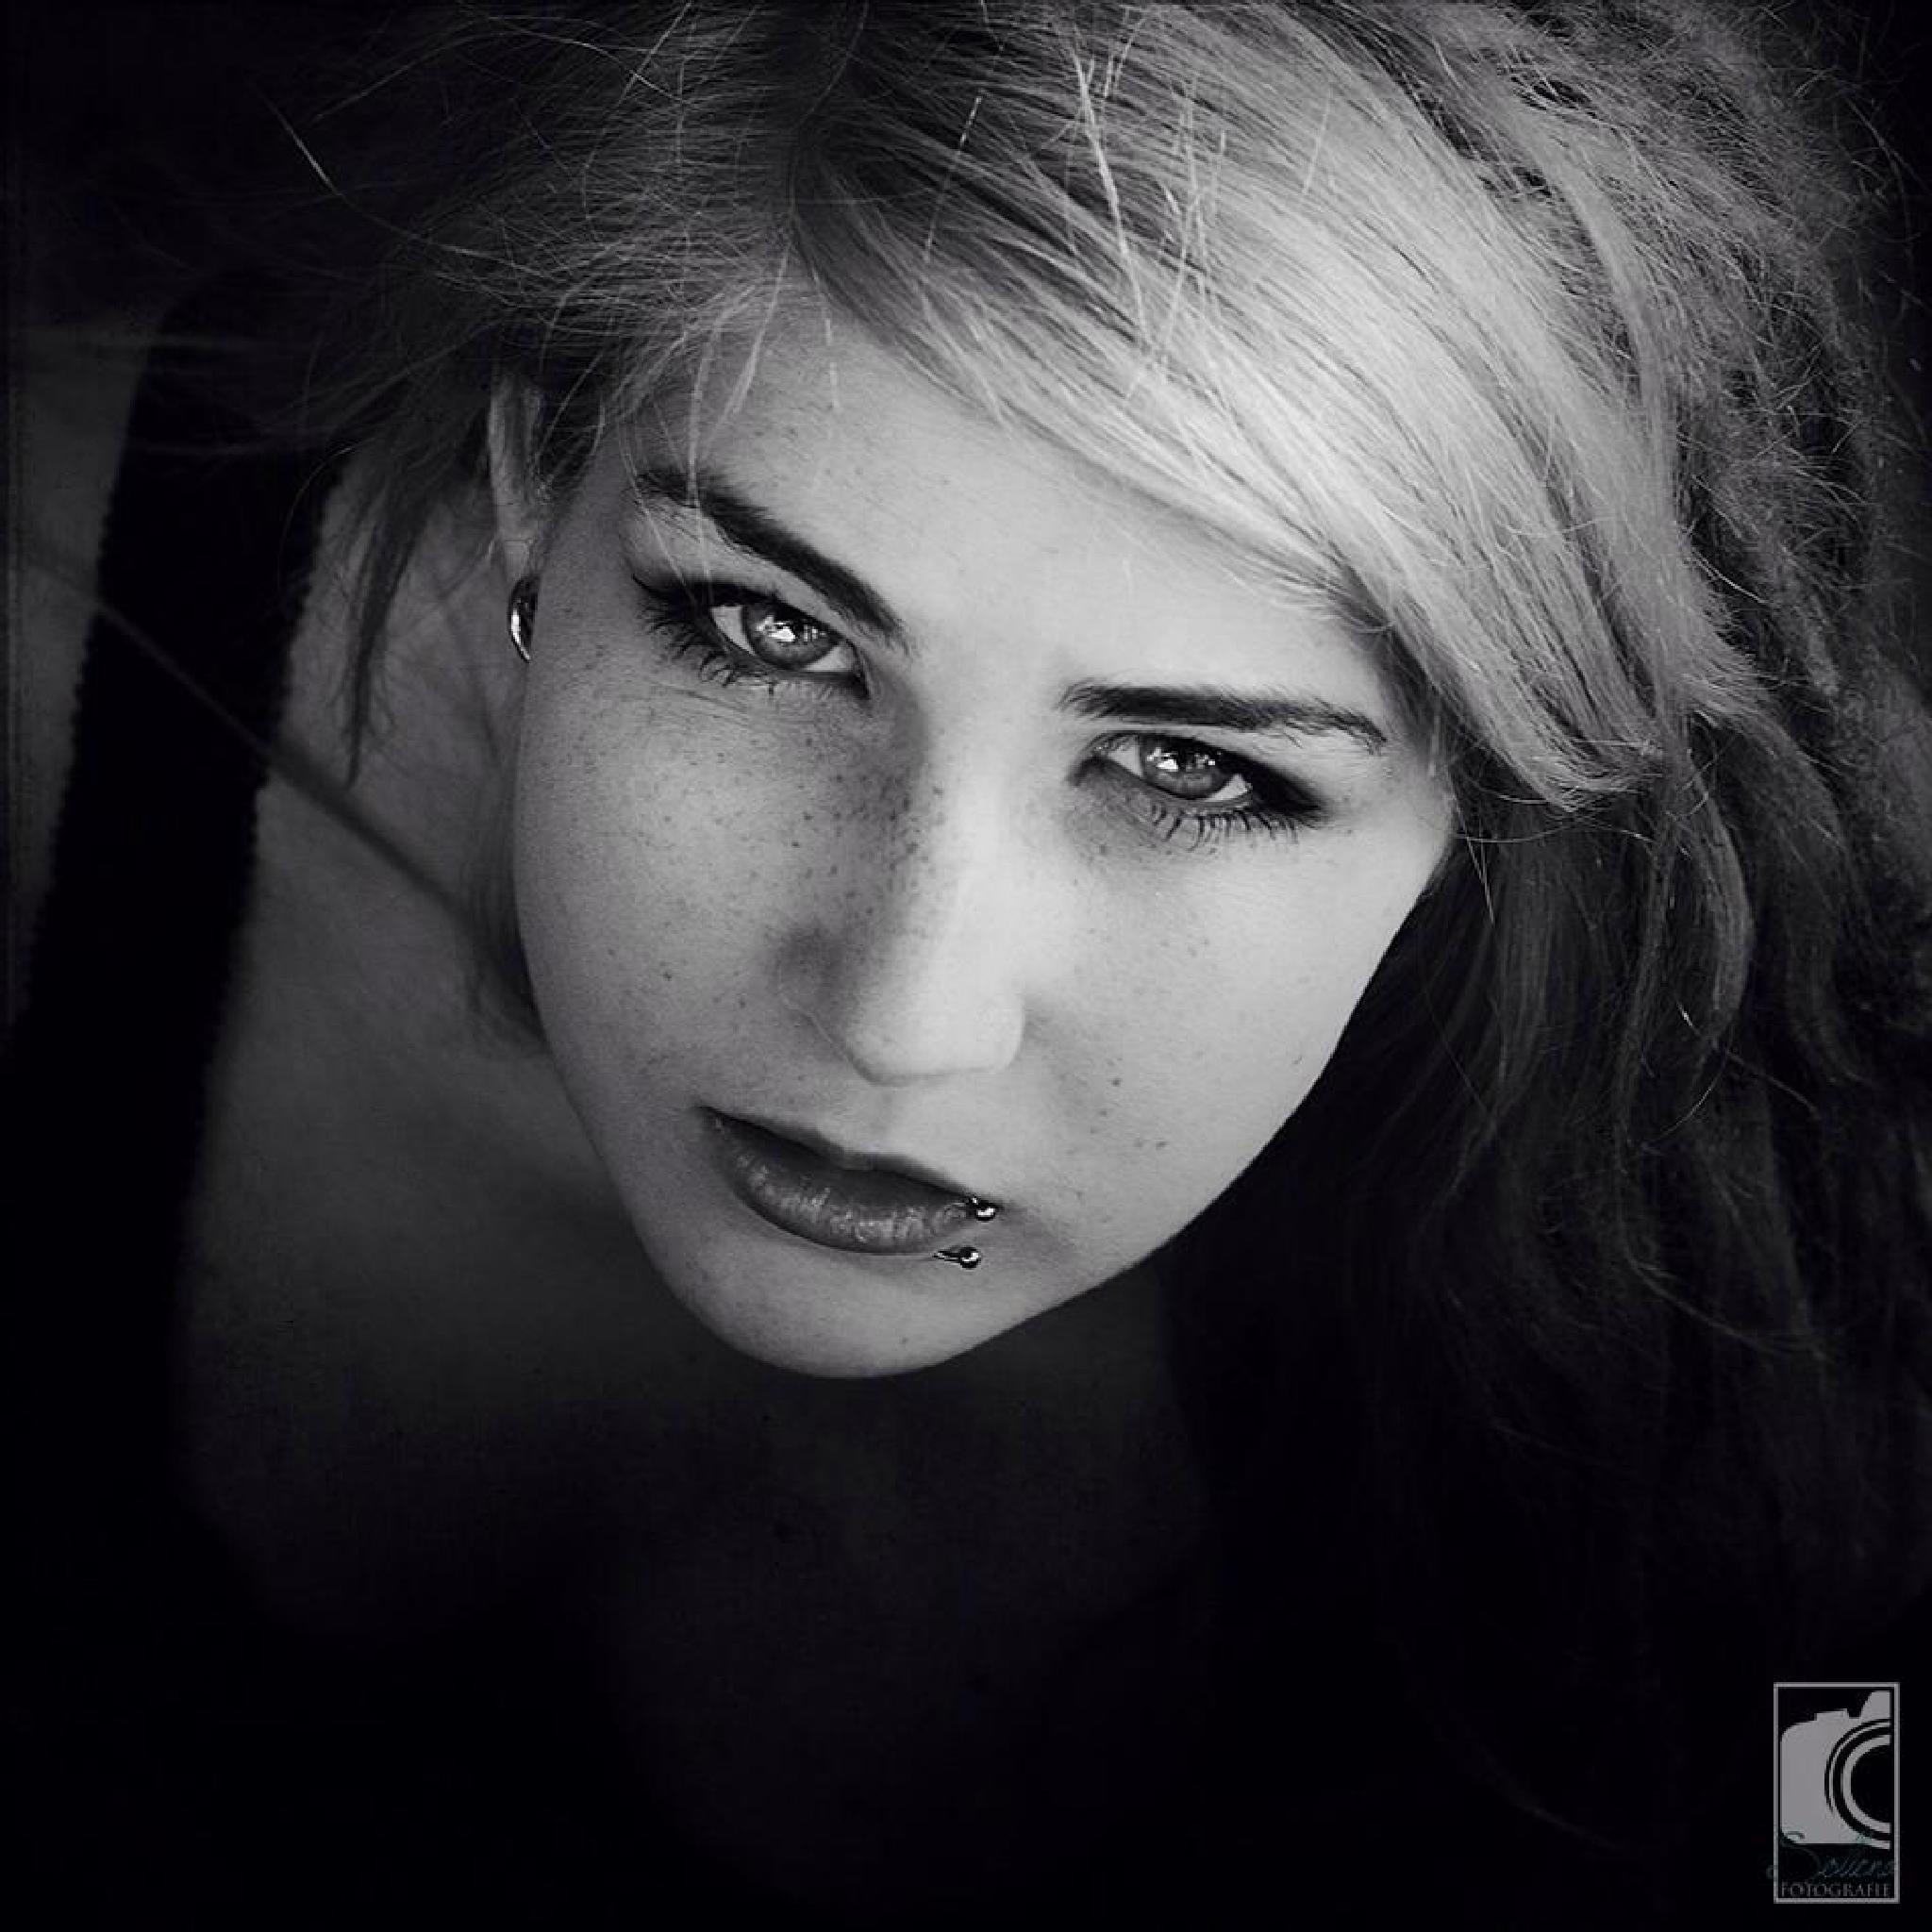 Cynthia by sollenafotografie